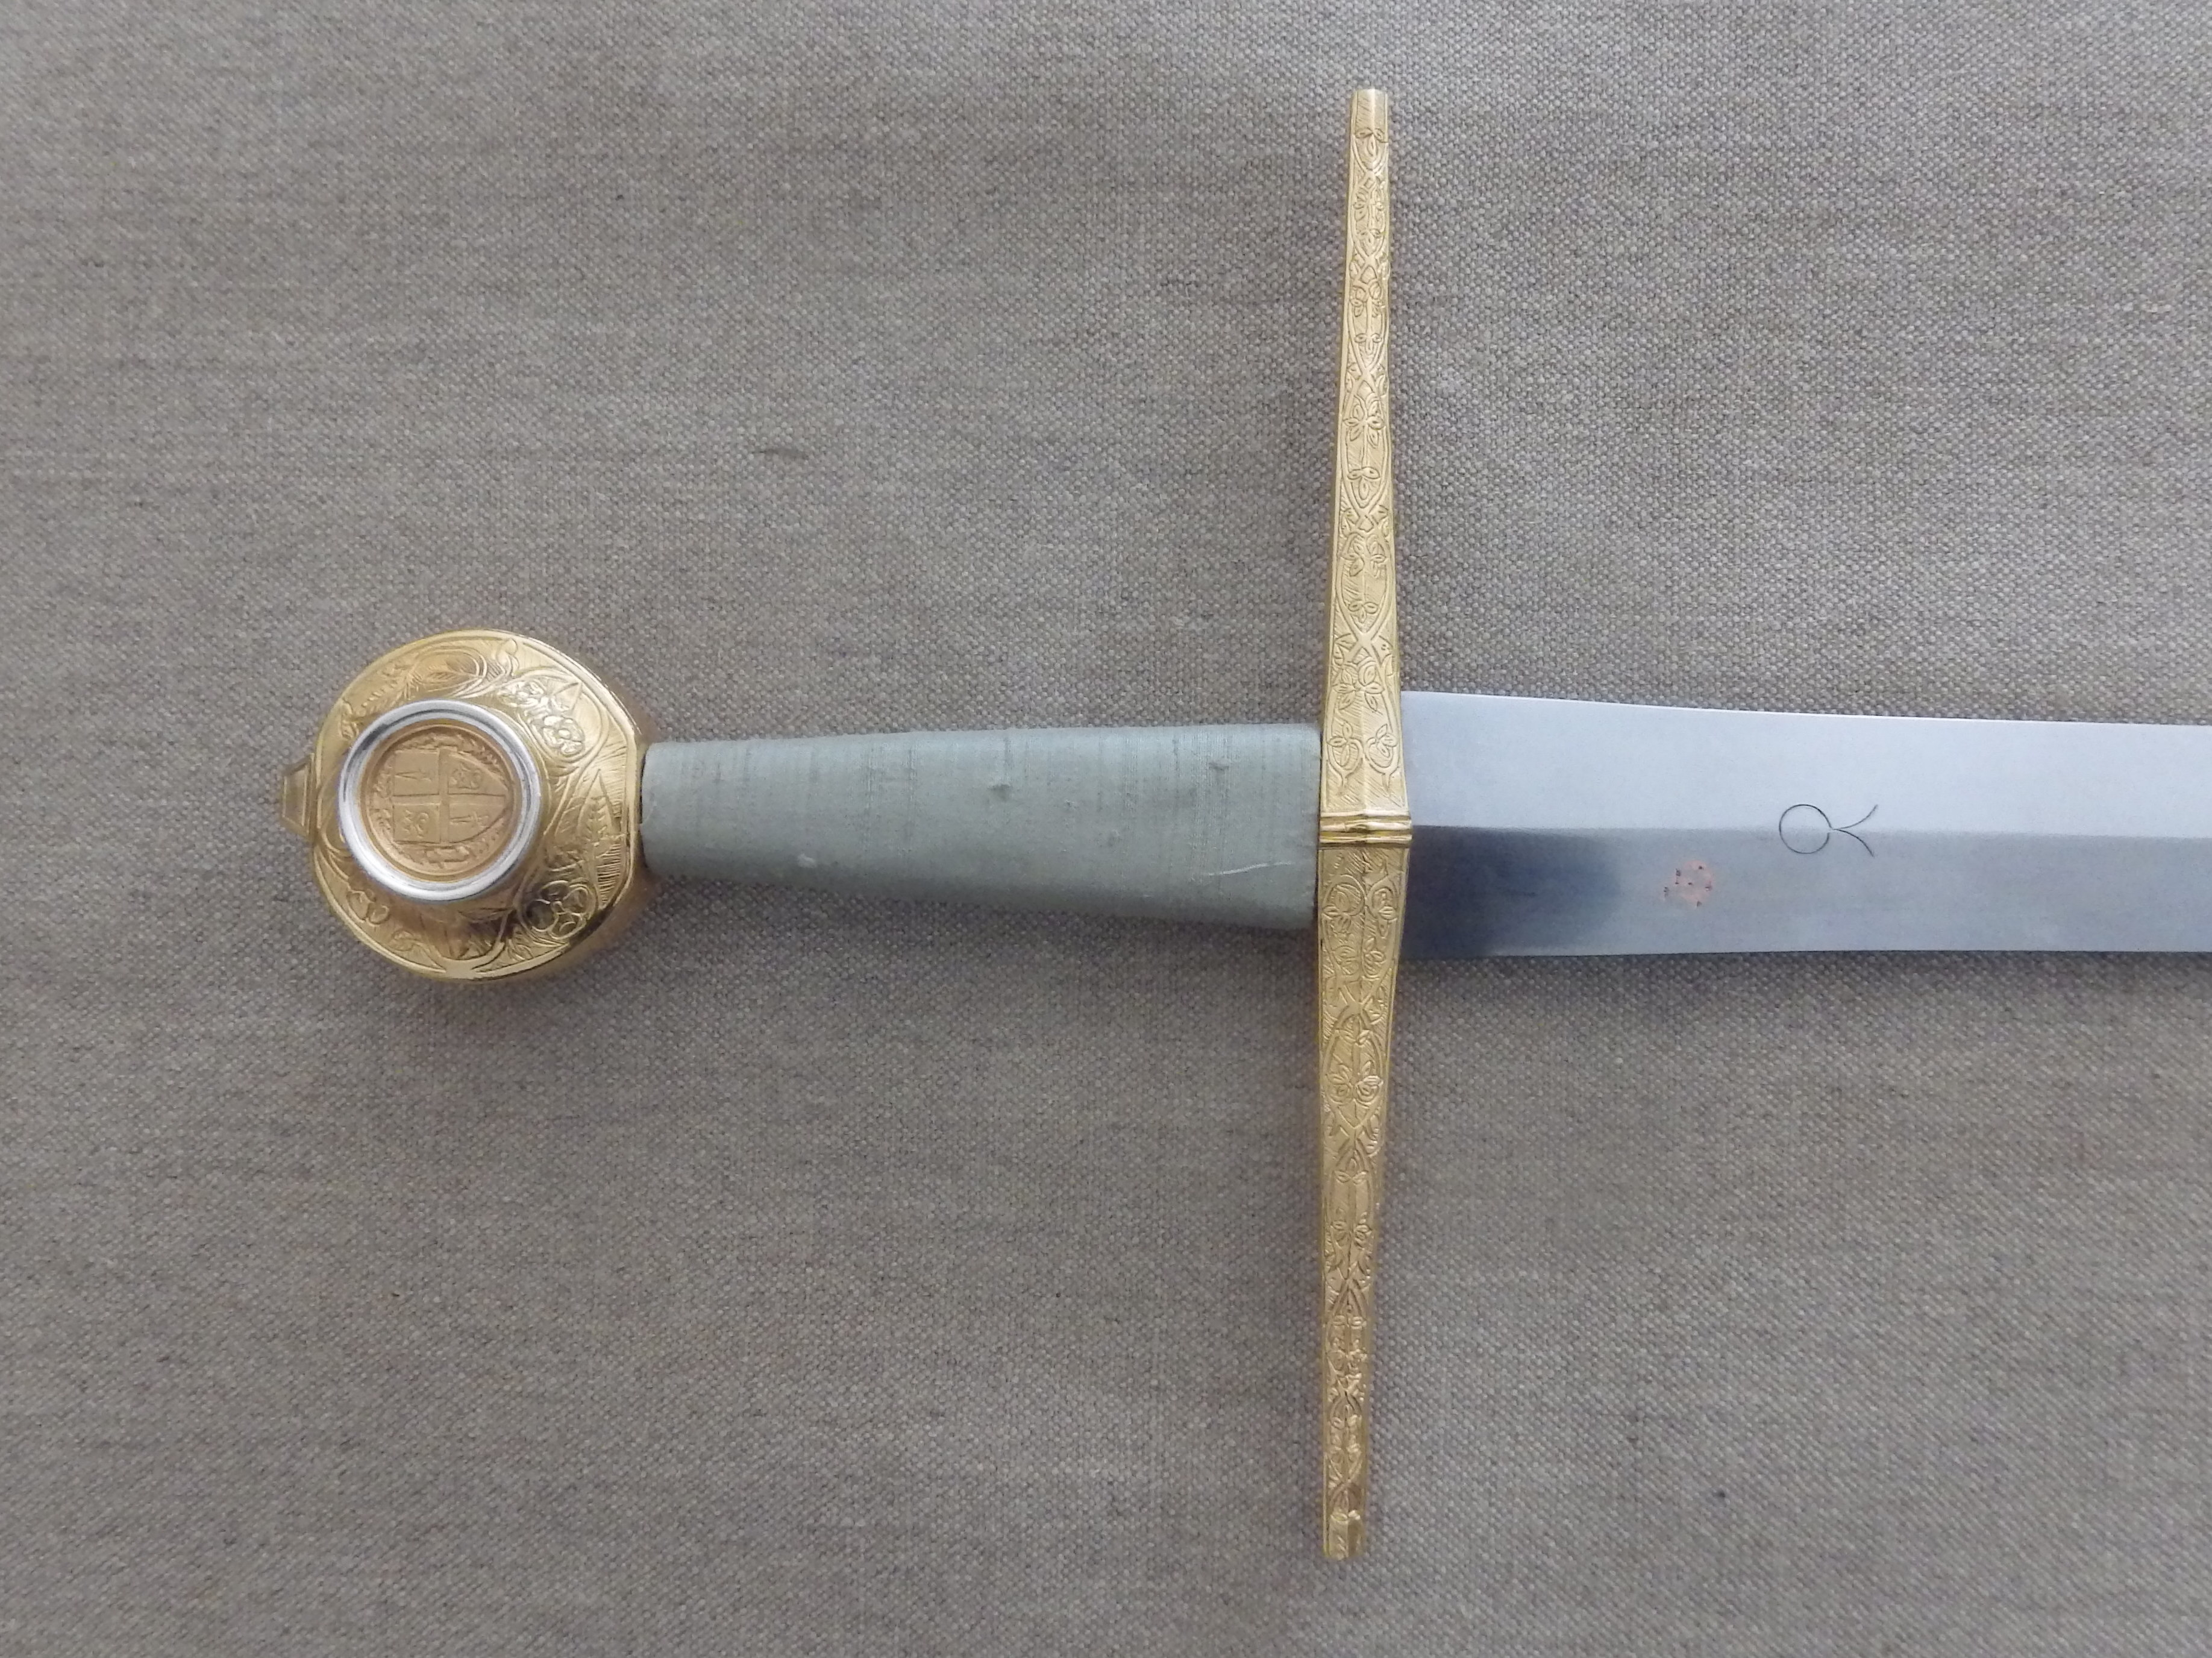 The finished sword hilt